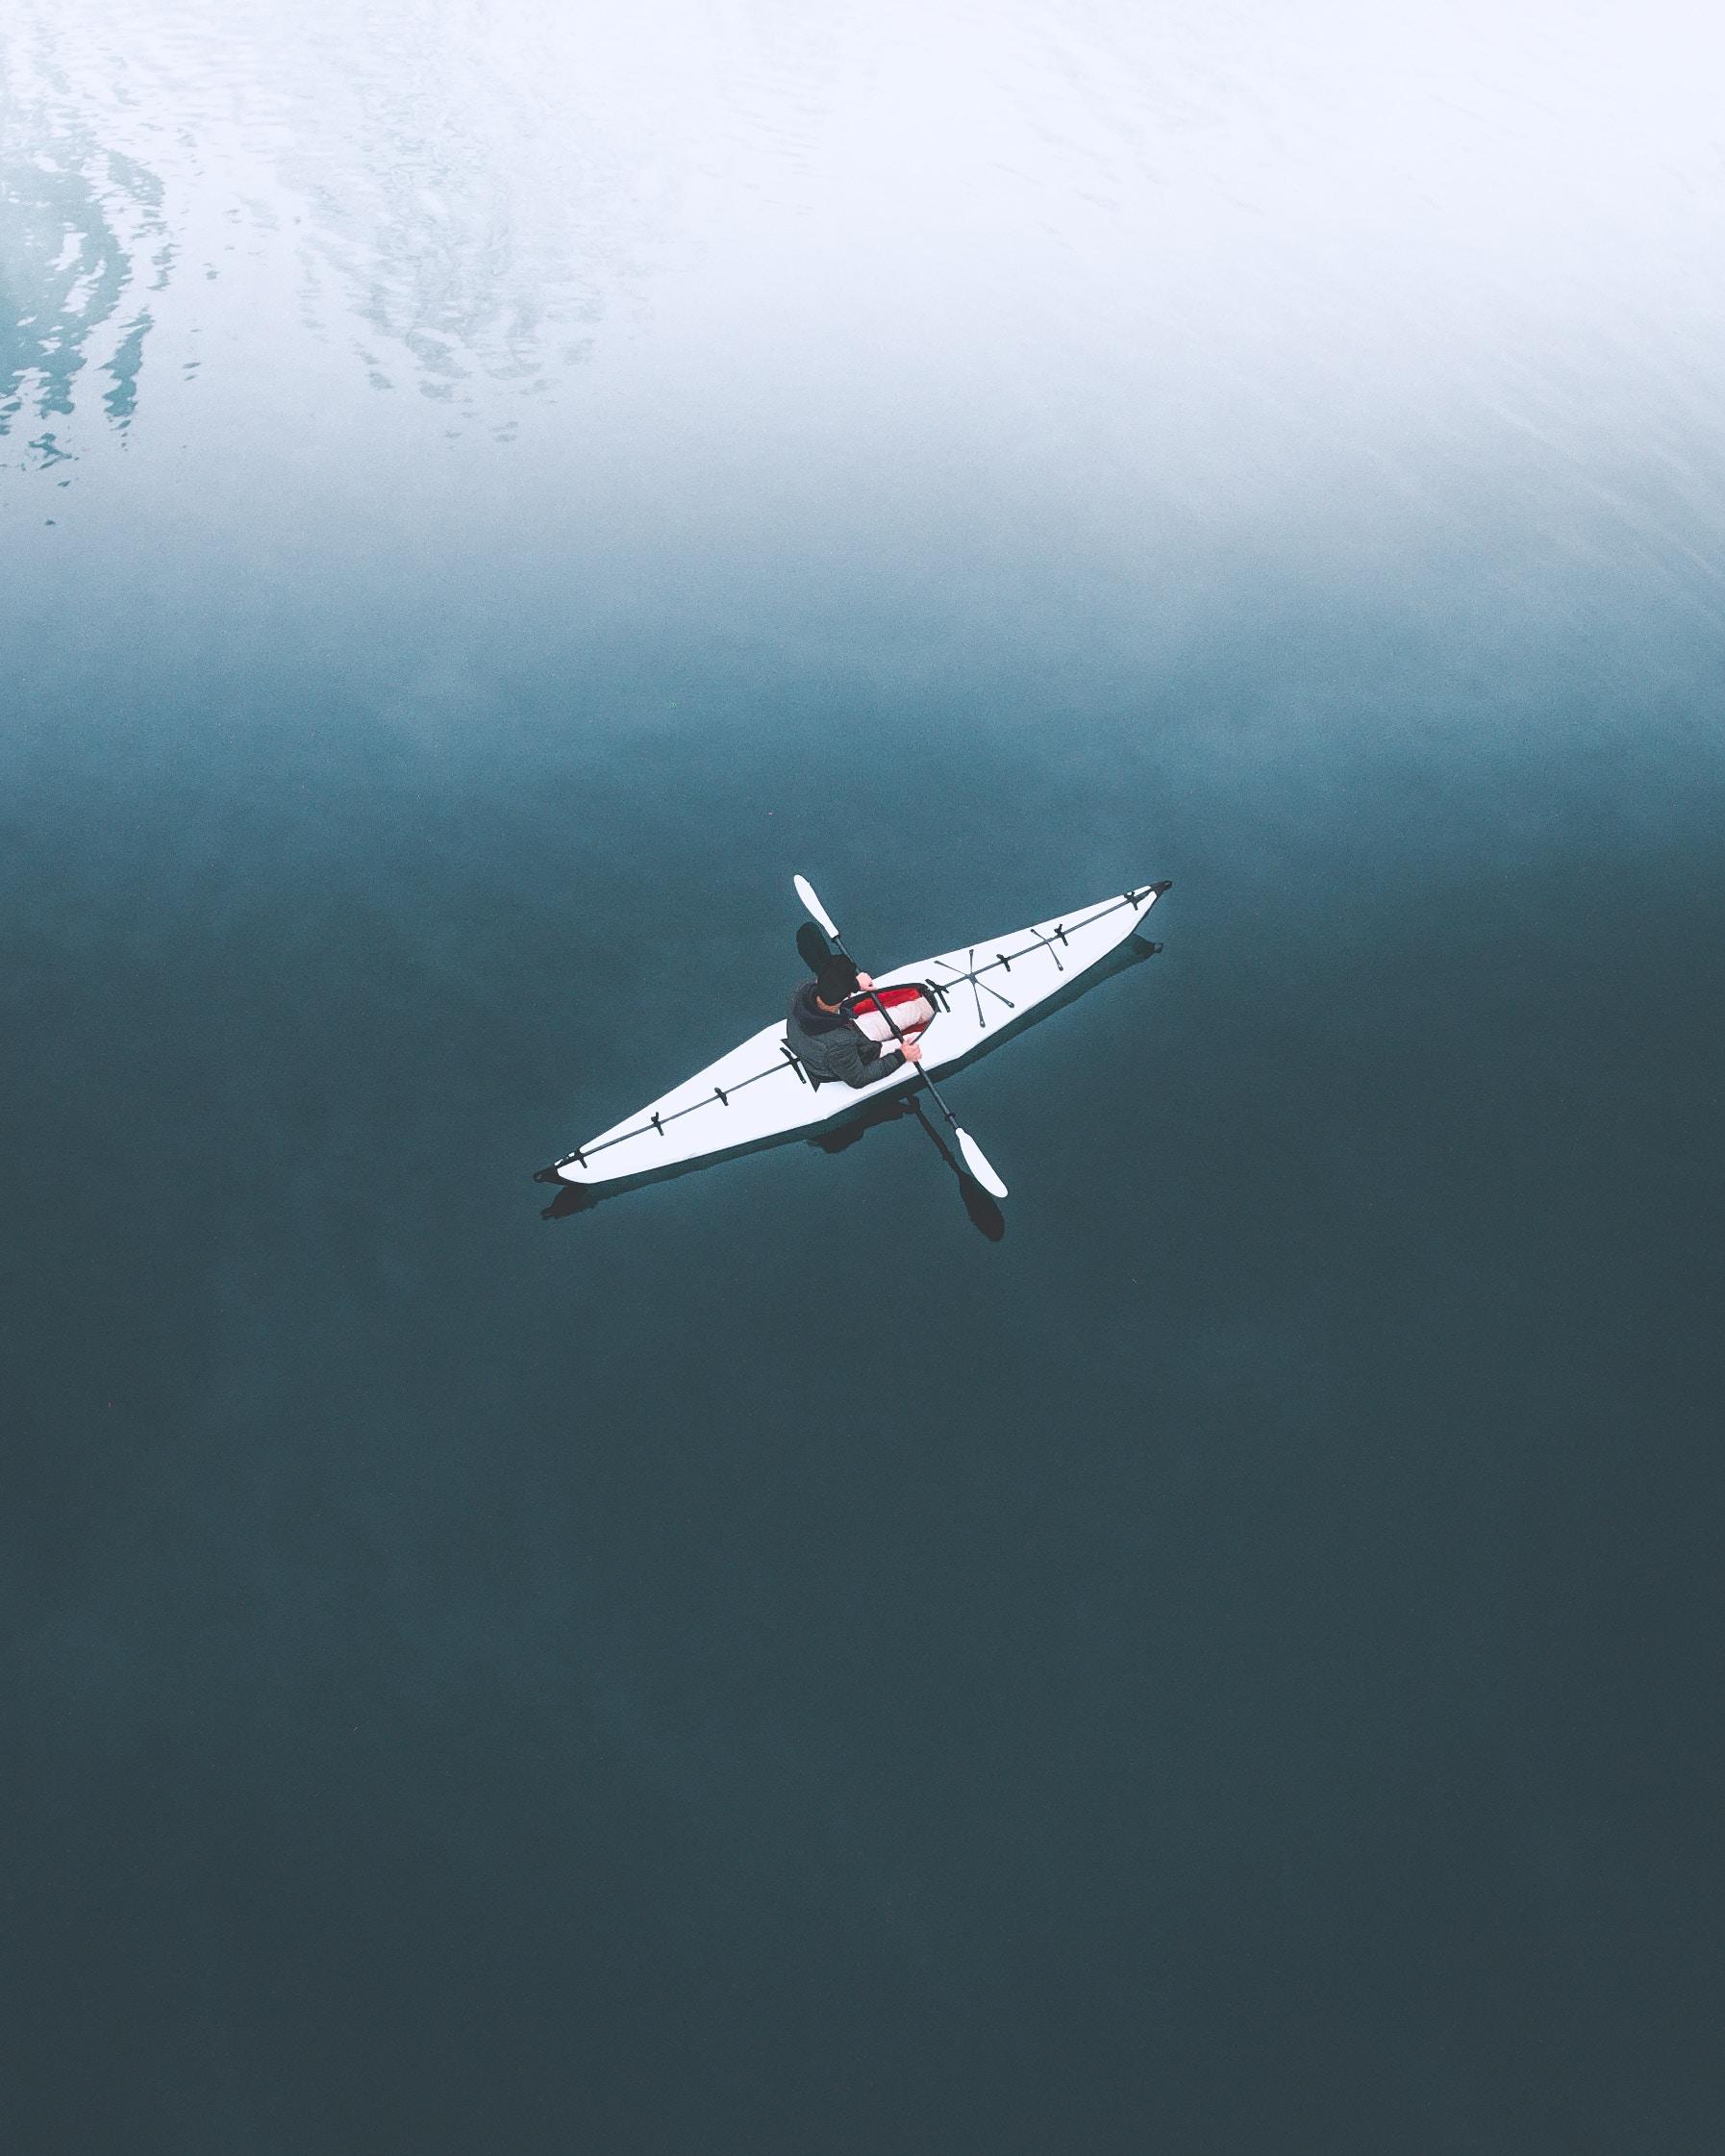 6eme Jour: Kayak & vins - Kayak dans les calanques le matin et visite de vignobles l'après-midi .